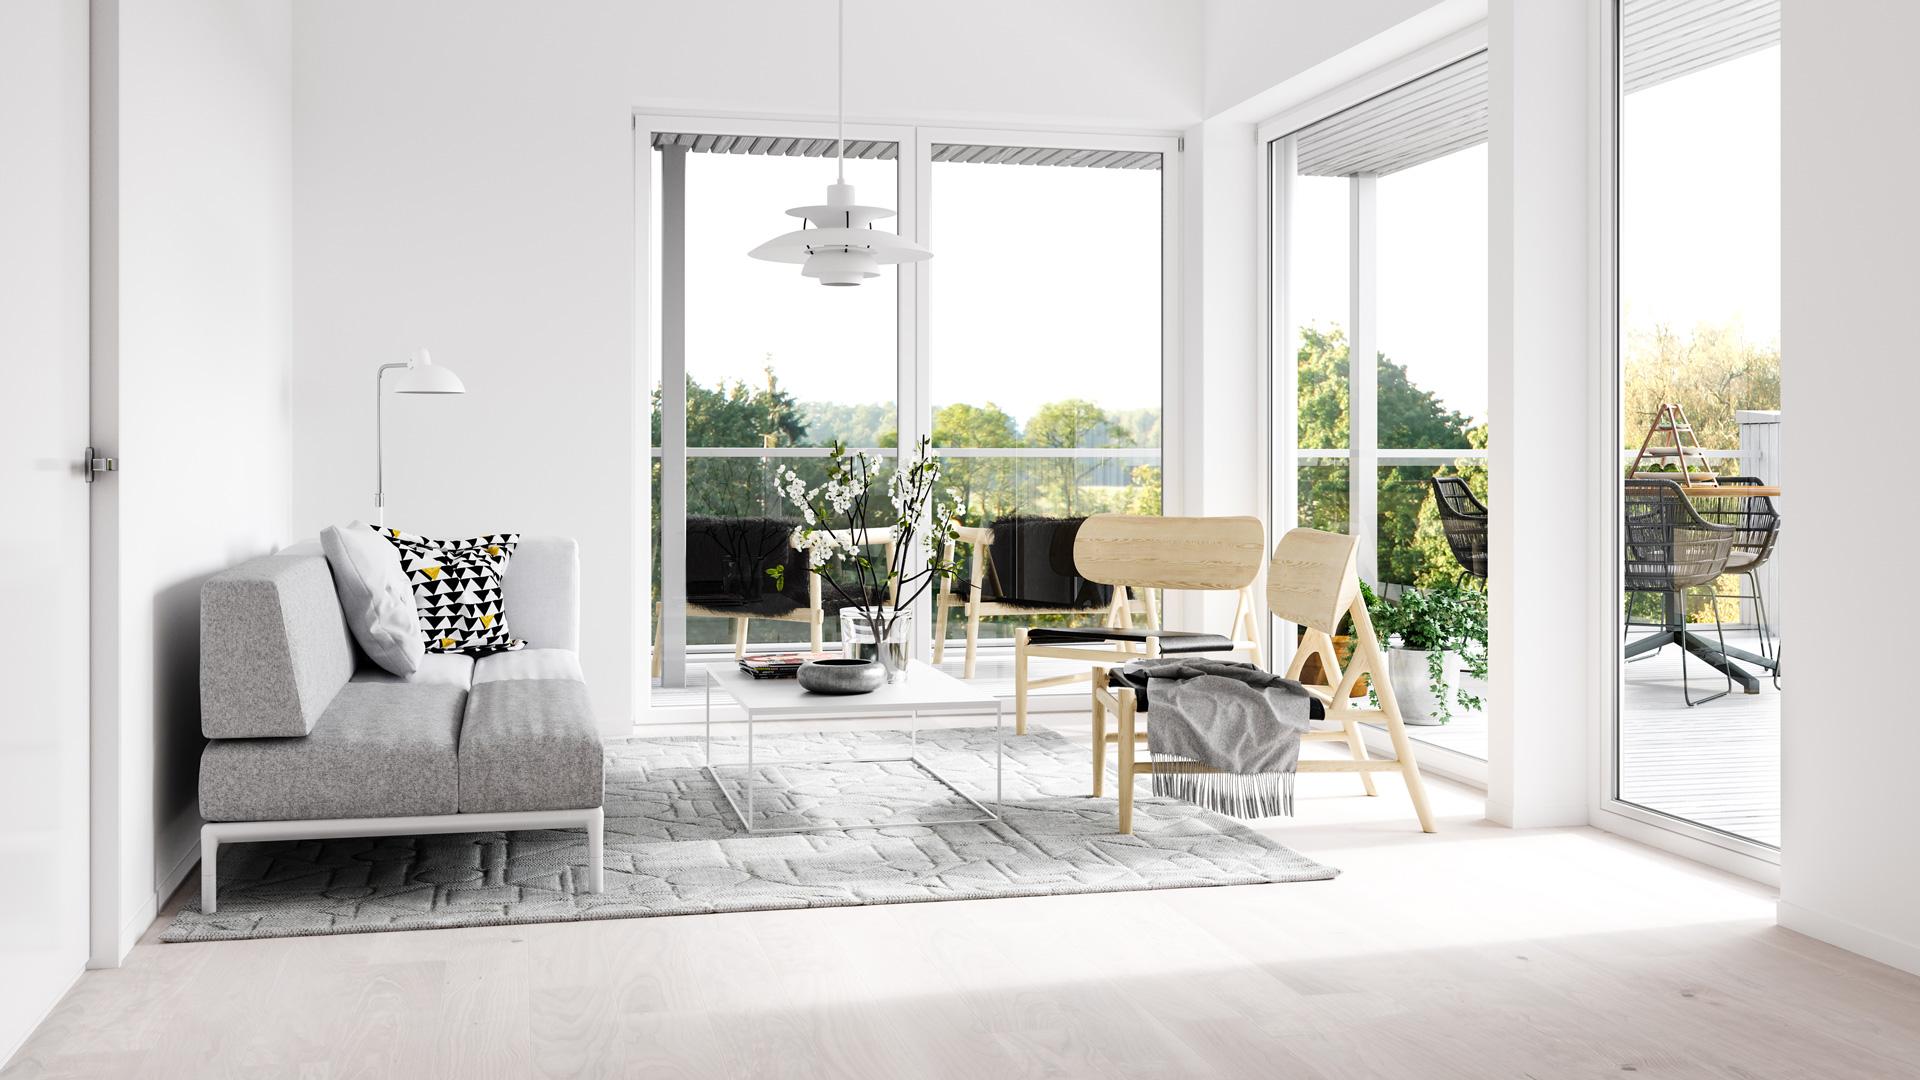 iStock Immobilie Wohnzimmer Bösl Immobilien